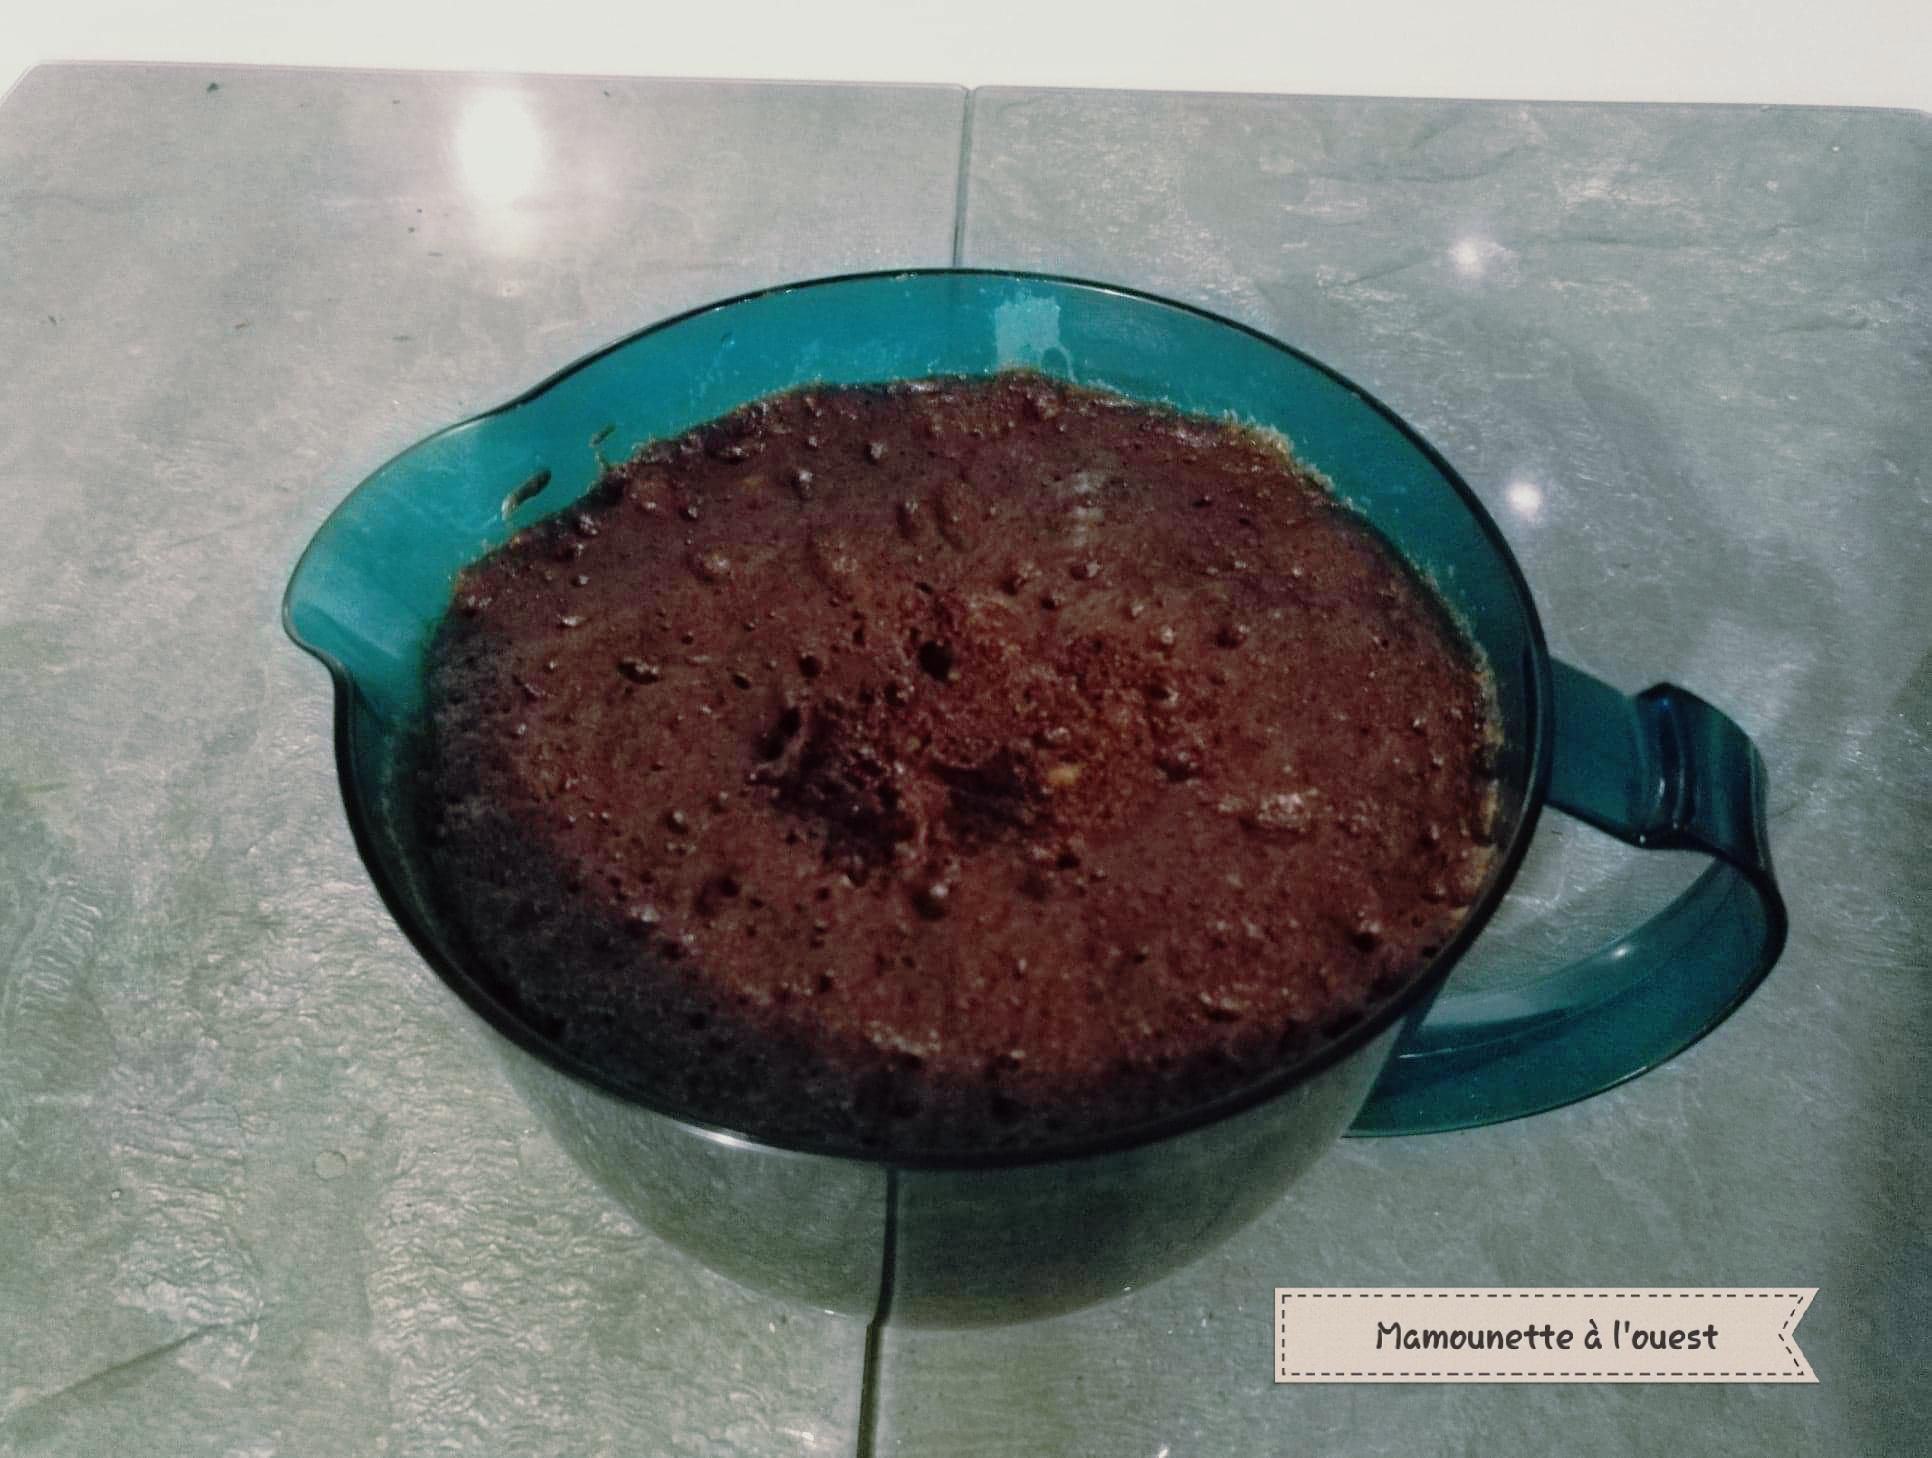 Le gâteau moelleux chocolat / noisettes au Microcook après cuisson.